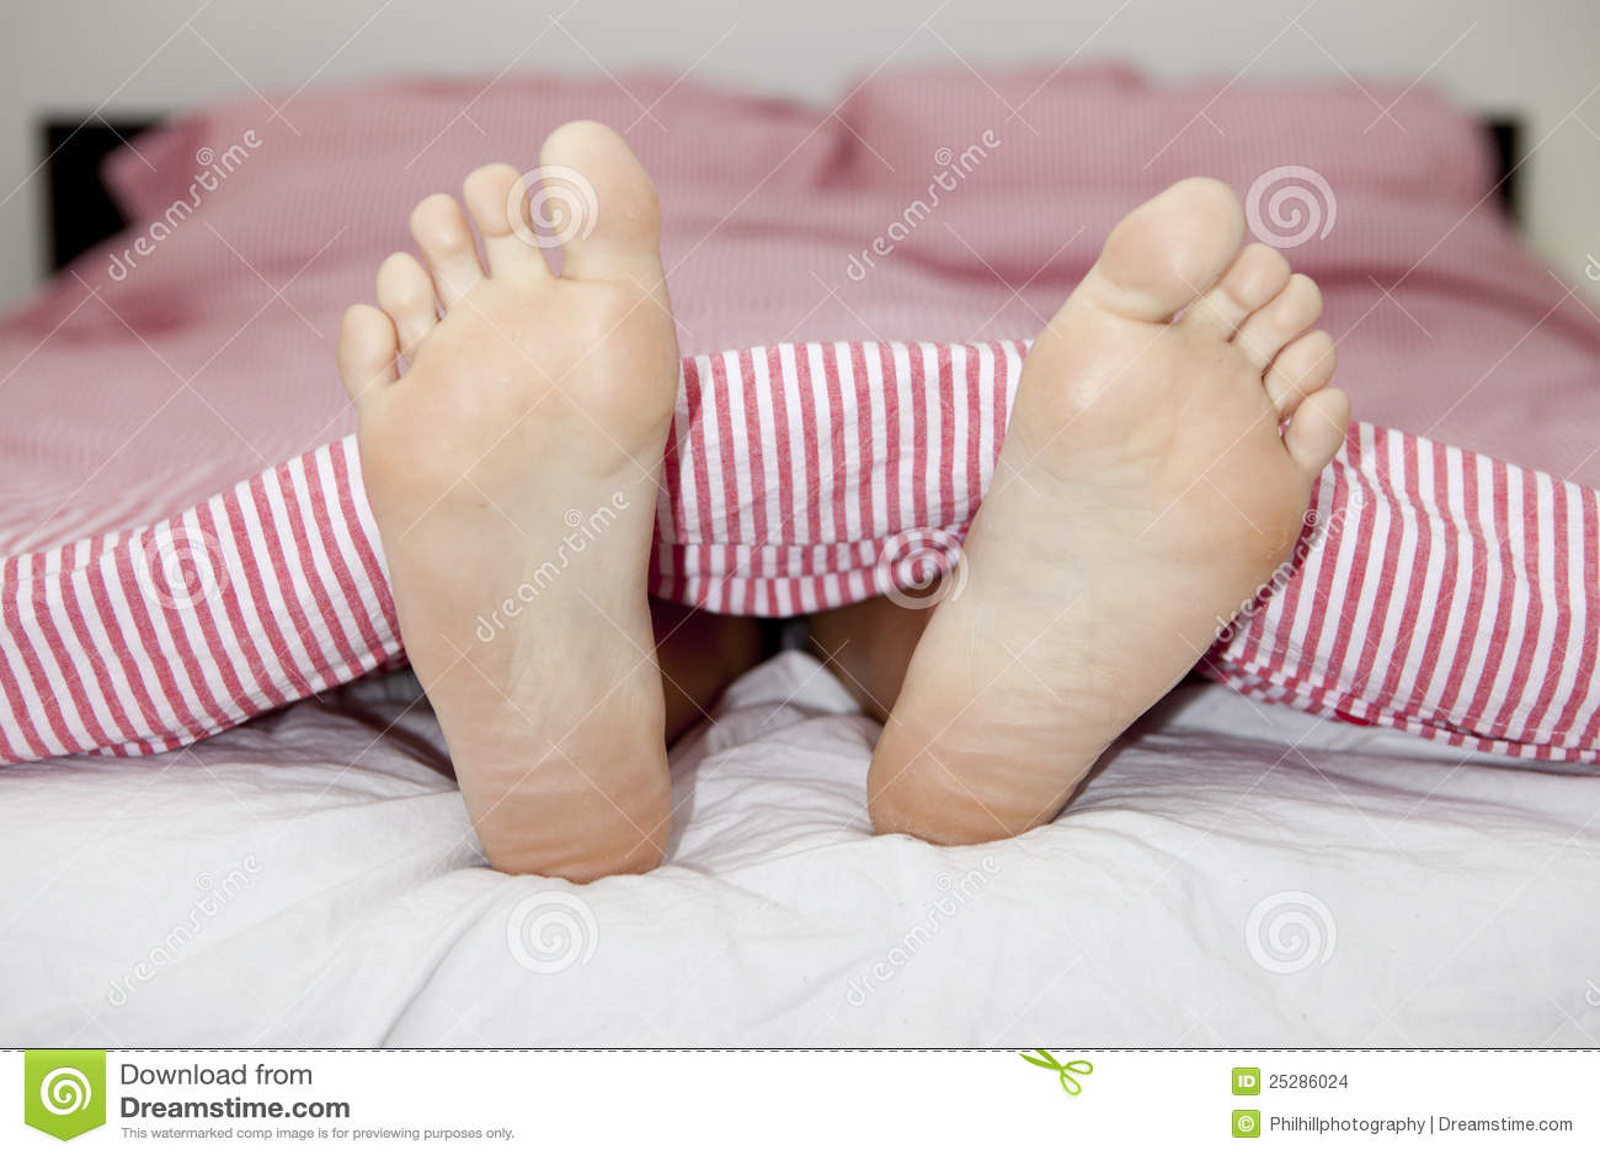 Фото ног в кровате 20 фотография